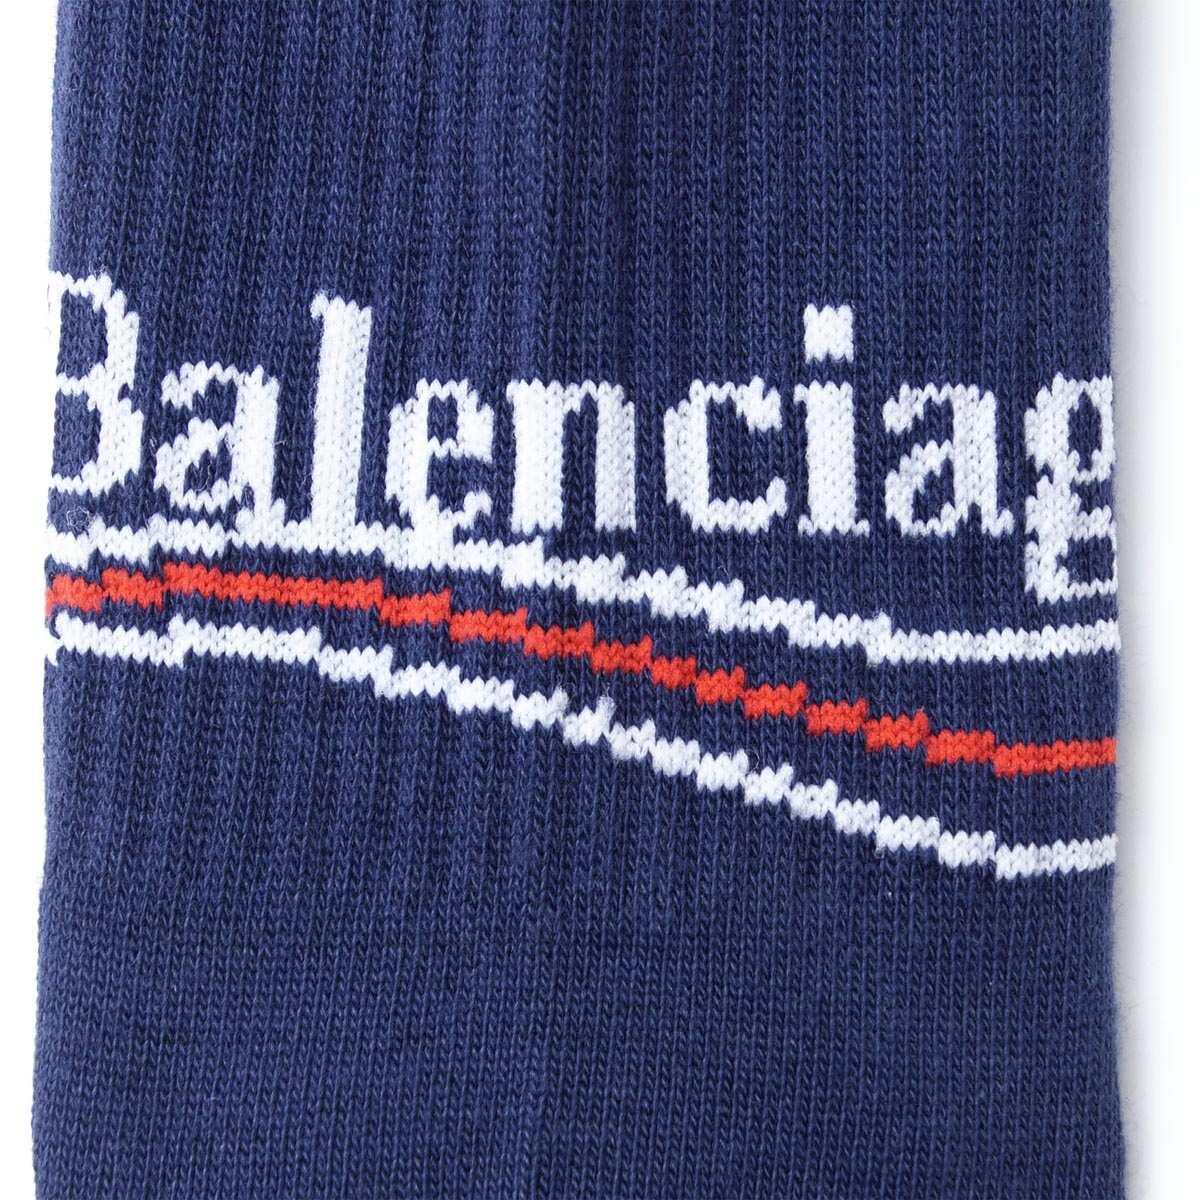 【タイムセール ACCS】BALENCIAGA バレンシアガ 靴下/ソックス/POLITICAL TENNIS SOCKS【返品交換不可】 メンズ